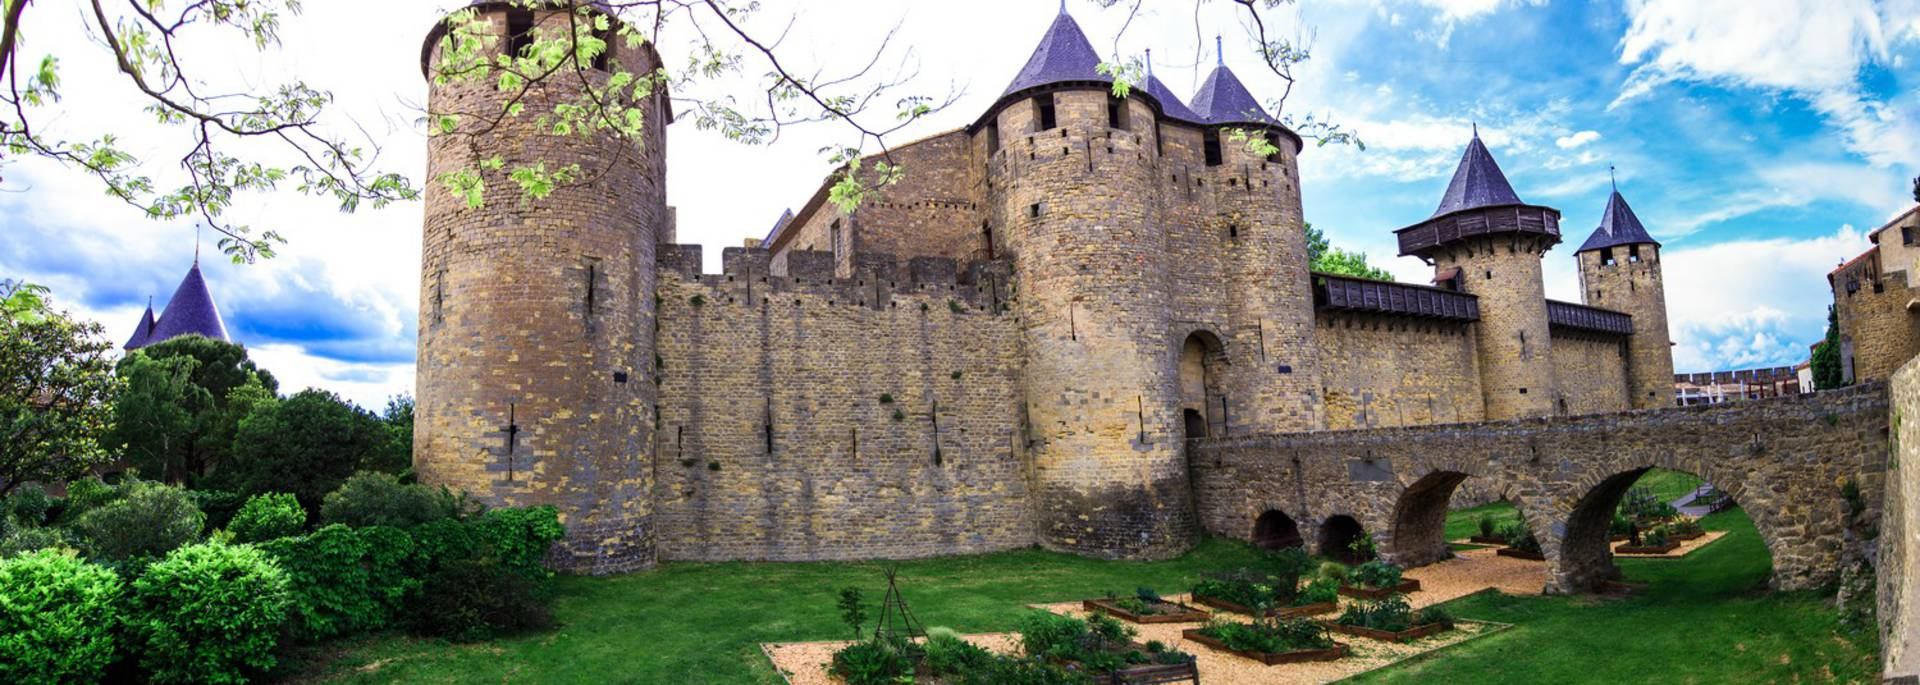 Château comtal de la Cité de Carcassonne